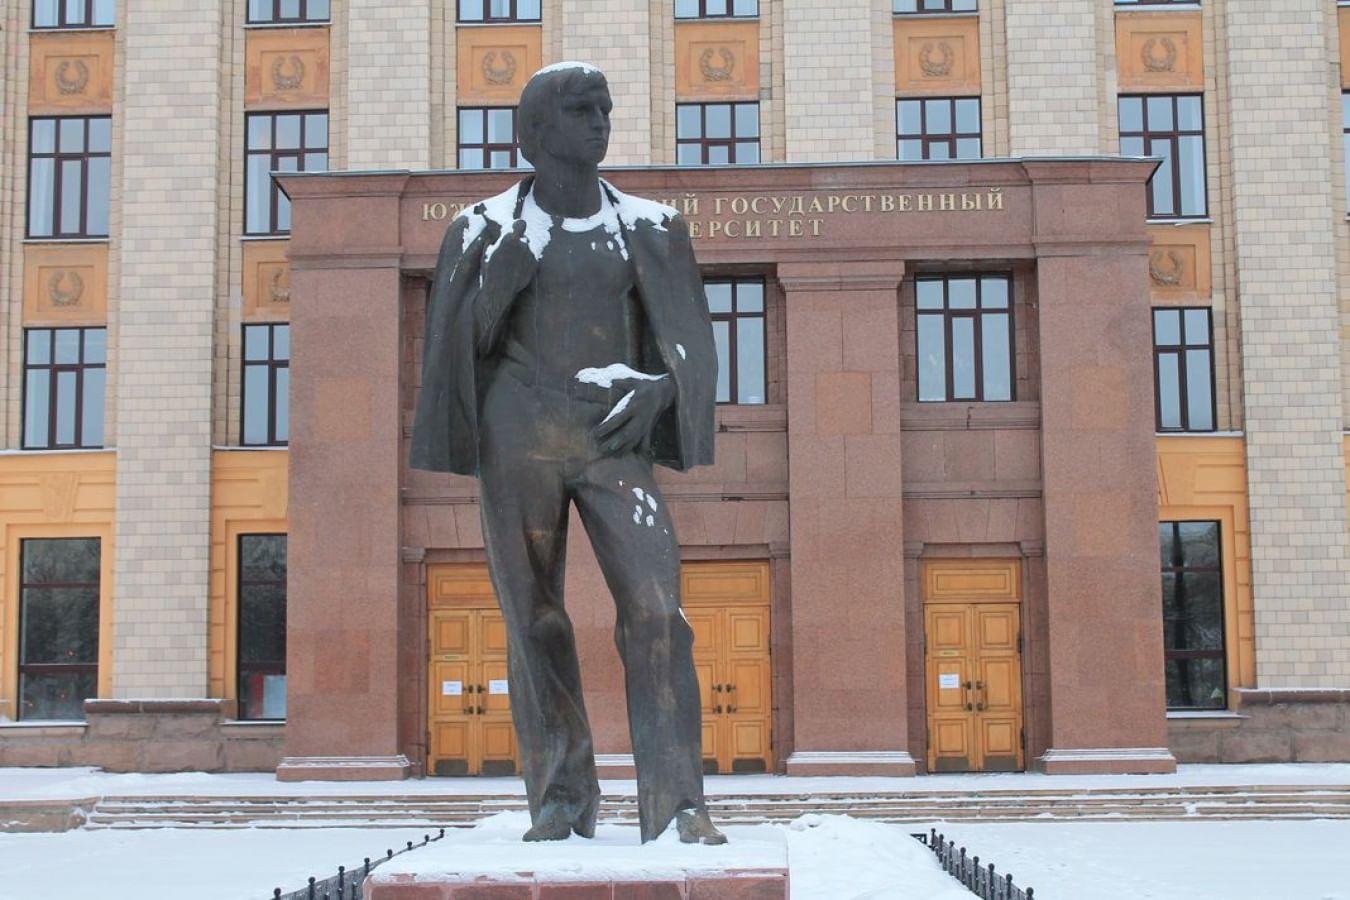 Памятник вечному студенту в Челябинске